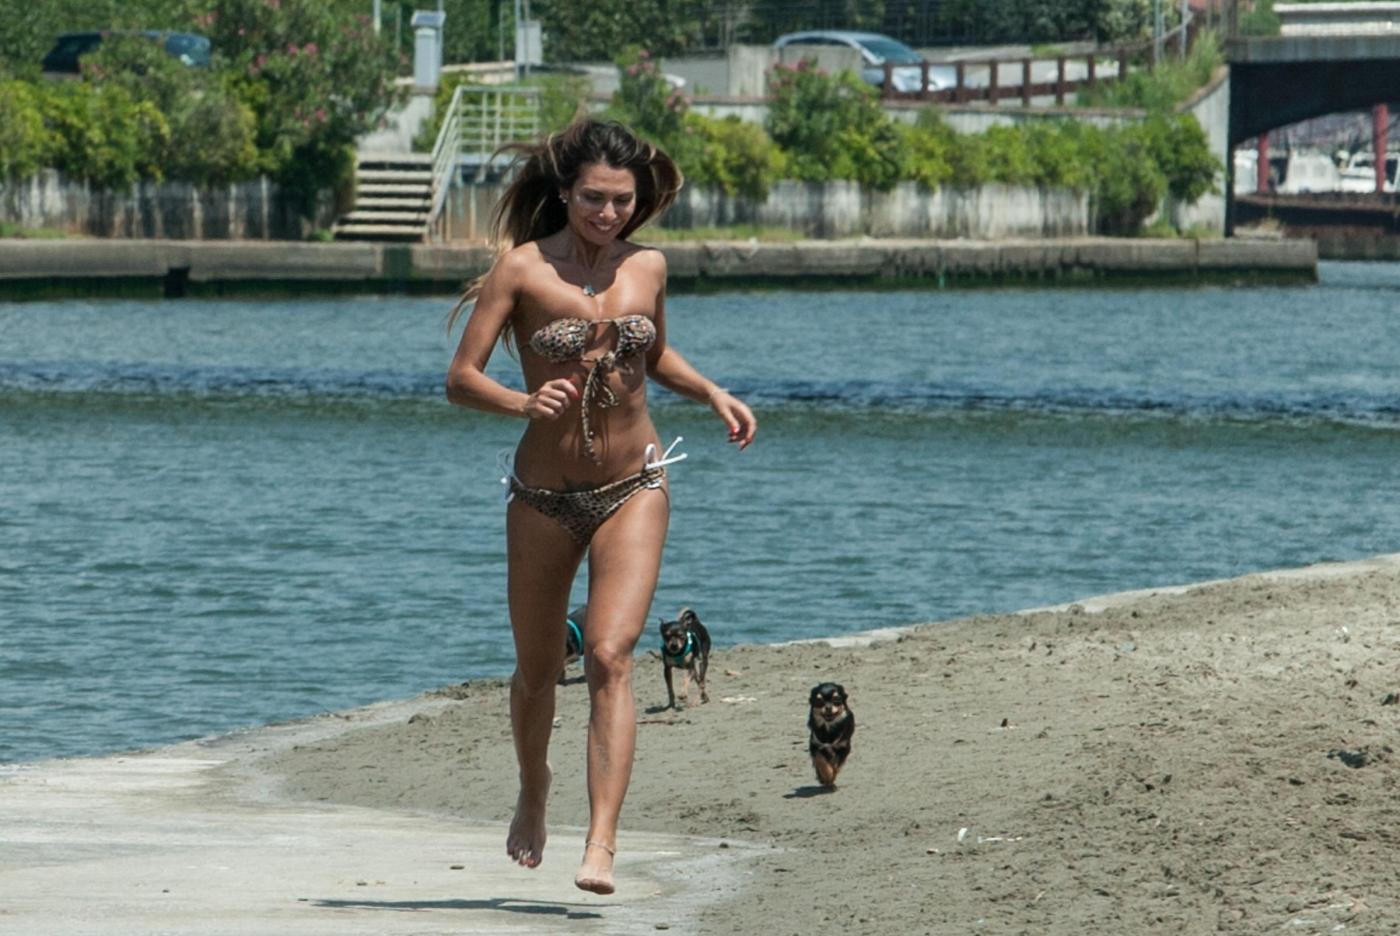 Rosy Dilettuso, reggiseno cede: incidente sexy al mare per l'ex Pupa09